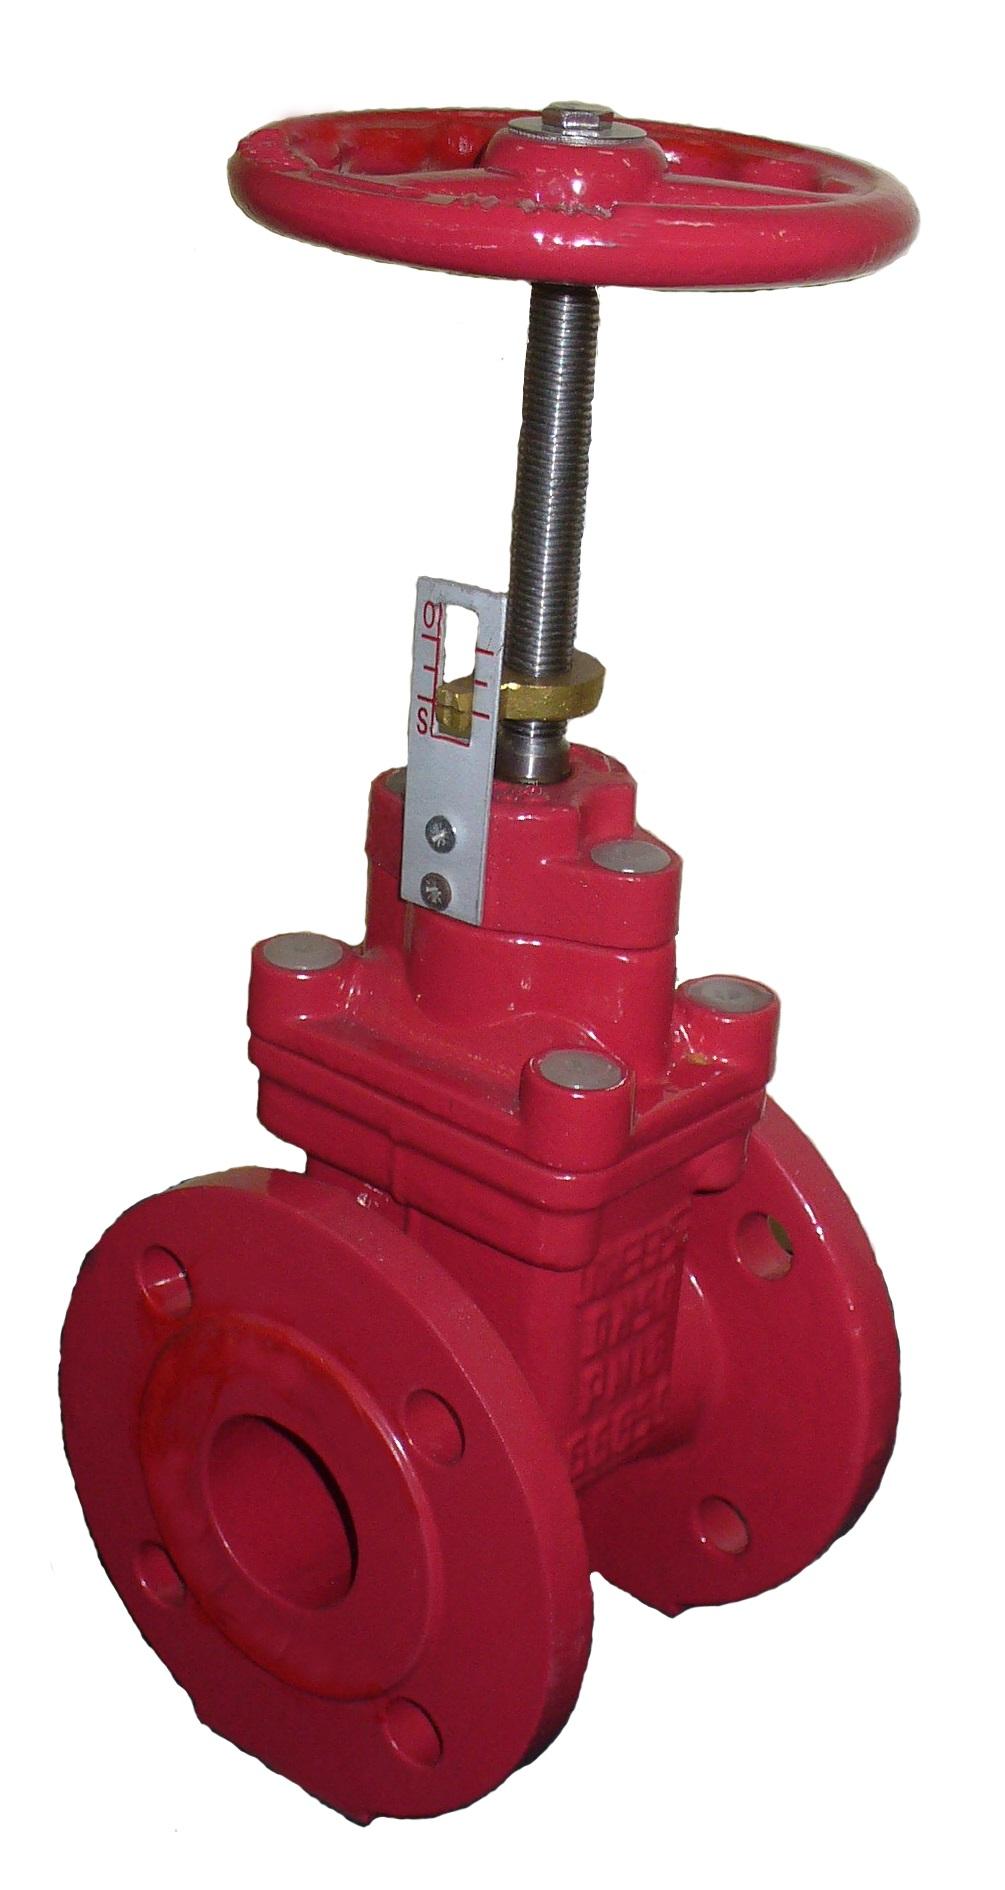 """Задвижка фланцевая чугунная клиновая с обрезиненным клином пожарная с индикатором положения """"Открыто""""/""""Закрыто"""" и невыдвижным штоком Ду 040-300 (1 1/2""""-12"""") Ру 10 и Ру16 (Типа МЗВП). Строительная длина DIN3202 F4 = EN558-1 GR (серия) 14. Код серии ABRA- A4010(16)GiXXX ."""